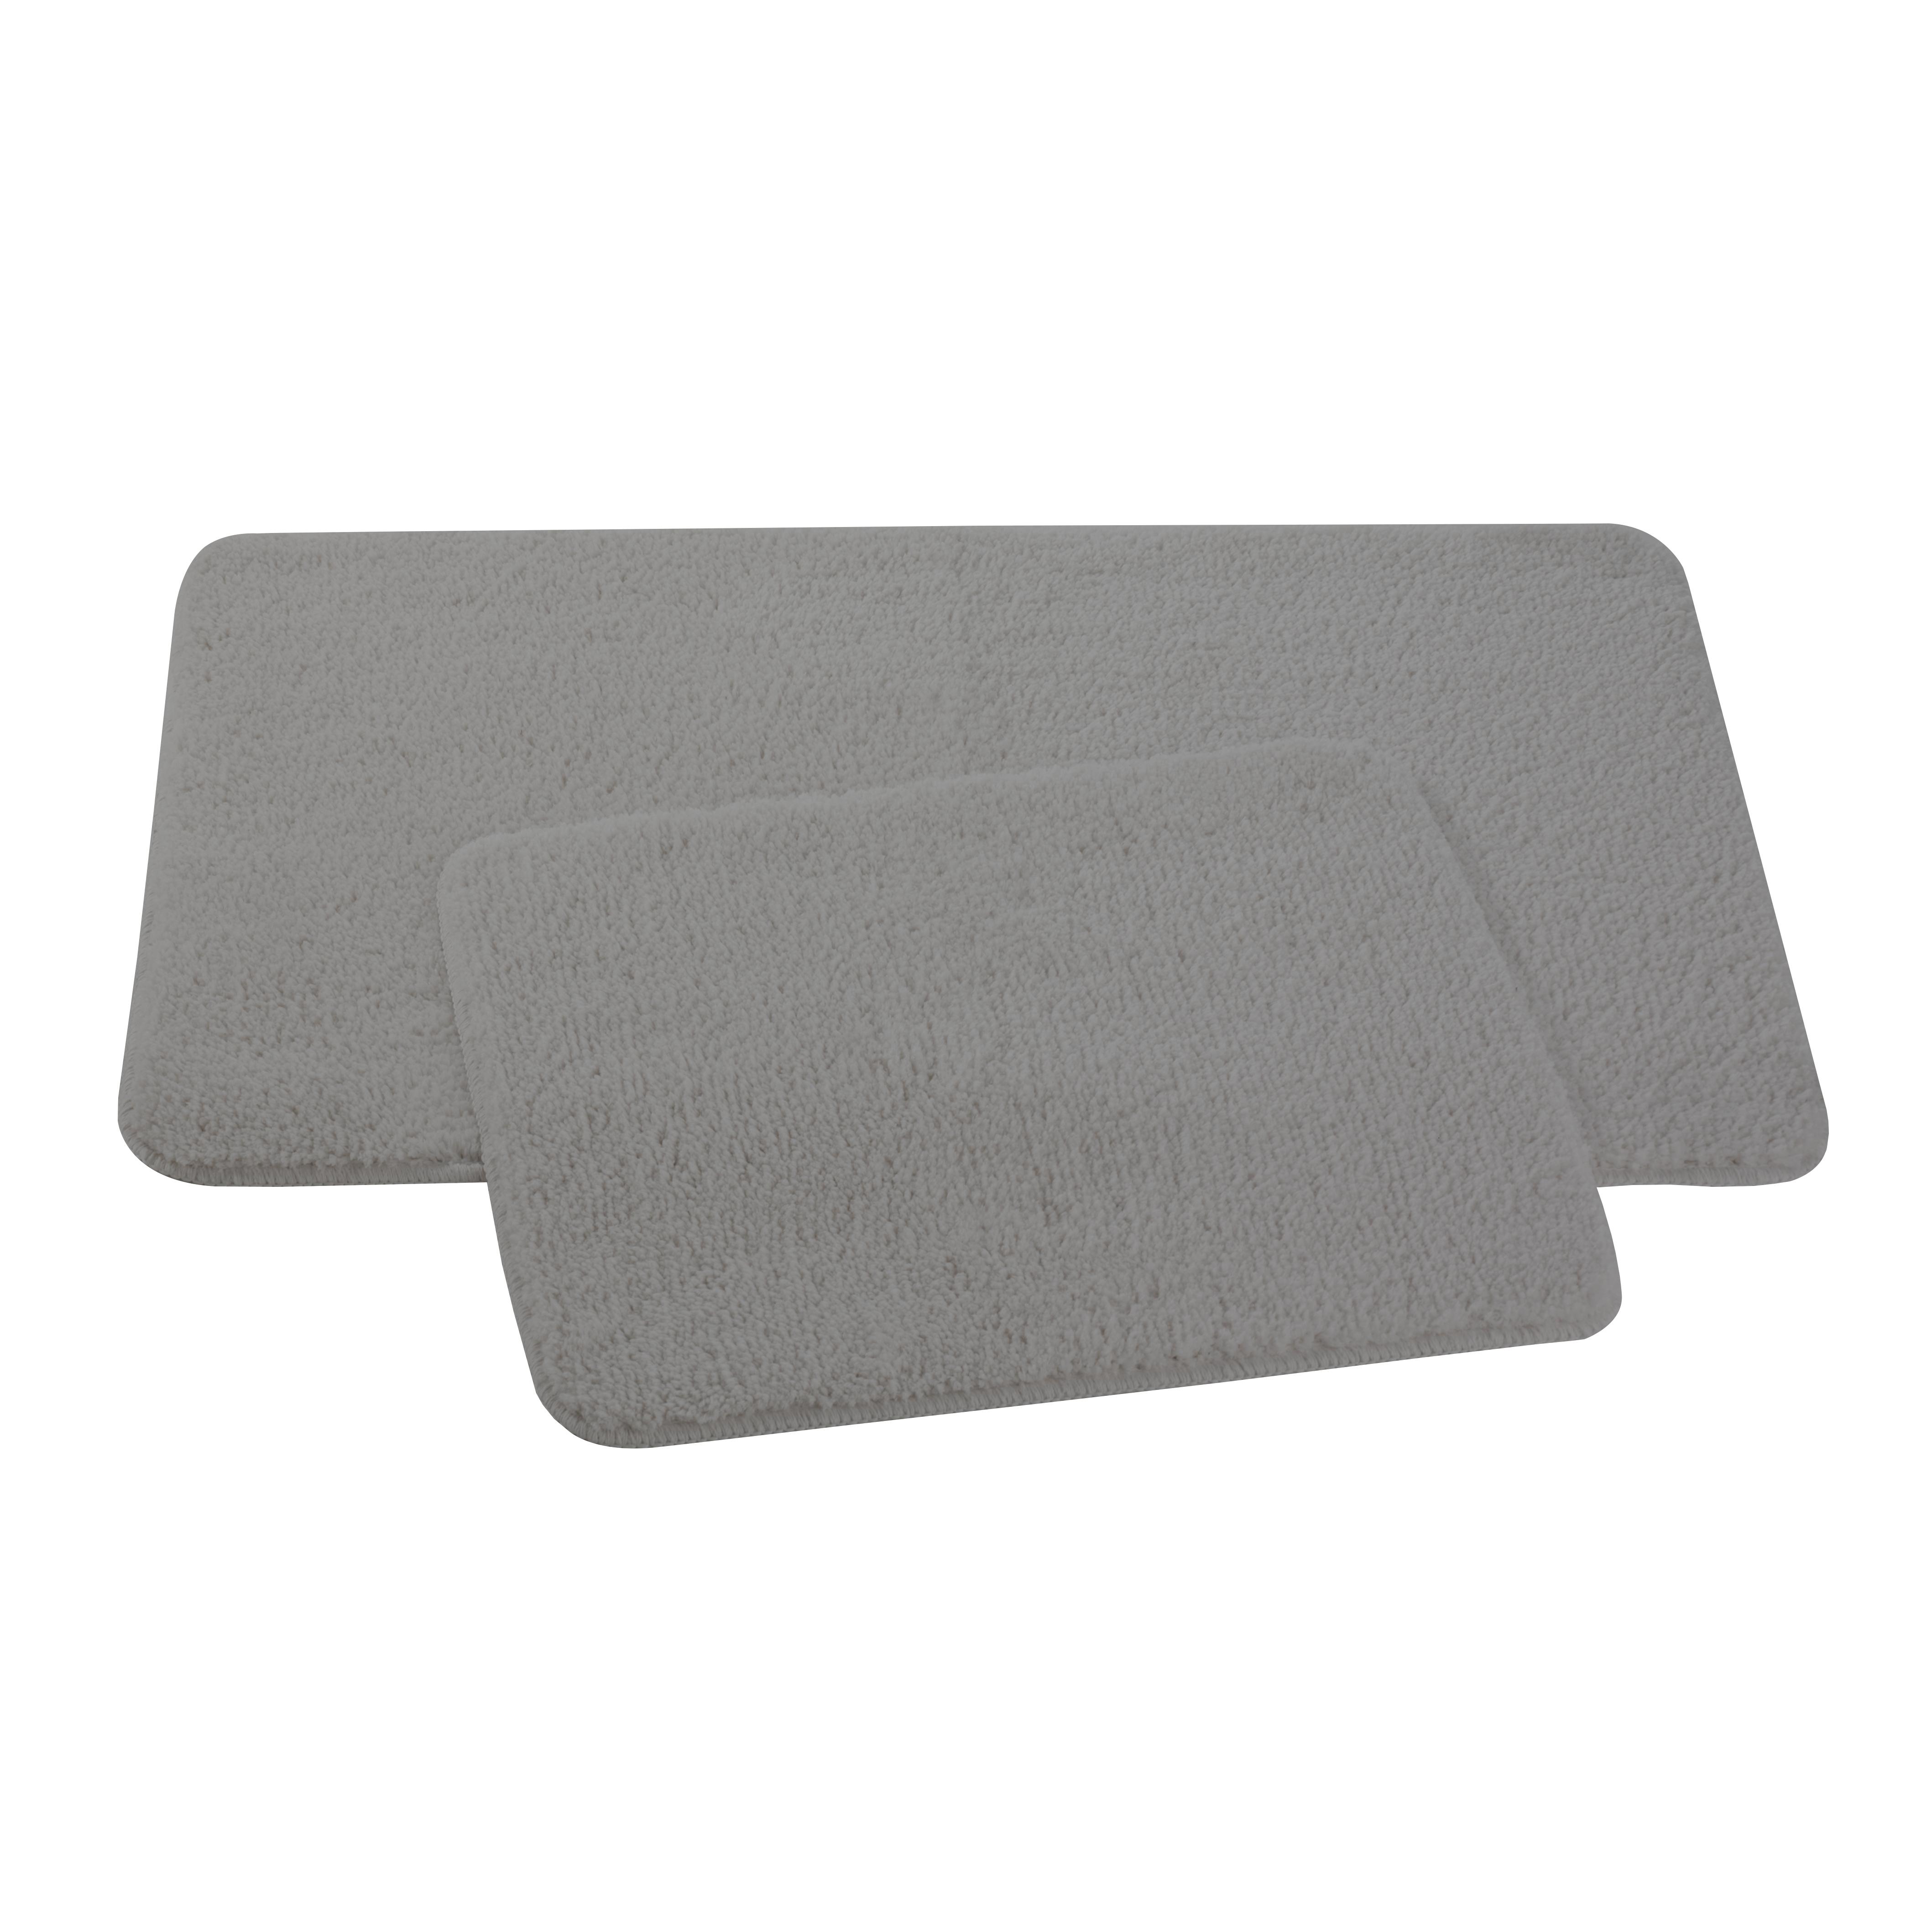 Набор ковриков для ванной и туалета Axentia, цвет: серый, 2 шт391602Набор Axentia, выполненный из микрофибры (100% полиэстер), состоит из двух стеганых ковриков для ванной комнаты и туалета. Противоскользящее основание изготовлено из термопластичной резины и подходит для полов с подогревом. Коврики мягкие и приятные на ощупь, отлично впитывают влагу и быстро сохнут. Высокая износостойкость ковриков и стойкость цвета позволит вам наслаждаться покупкой долгие годы. Можно стирать в стиральной машине. Размер ковриков: 50 х 80 см; 50 х 40 см.Высота ворса 1,5 см.